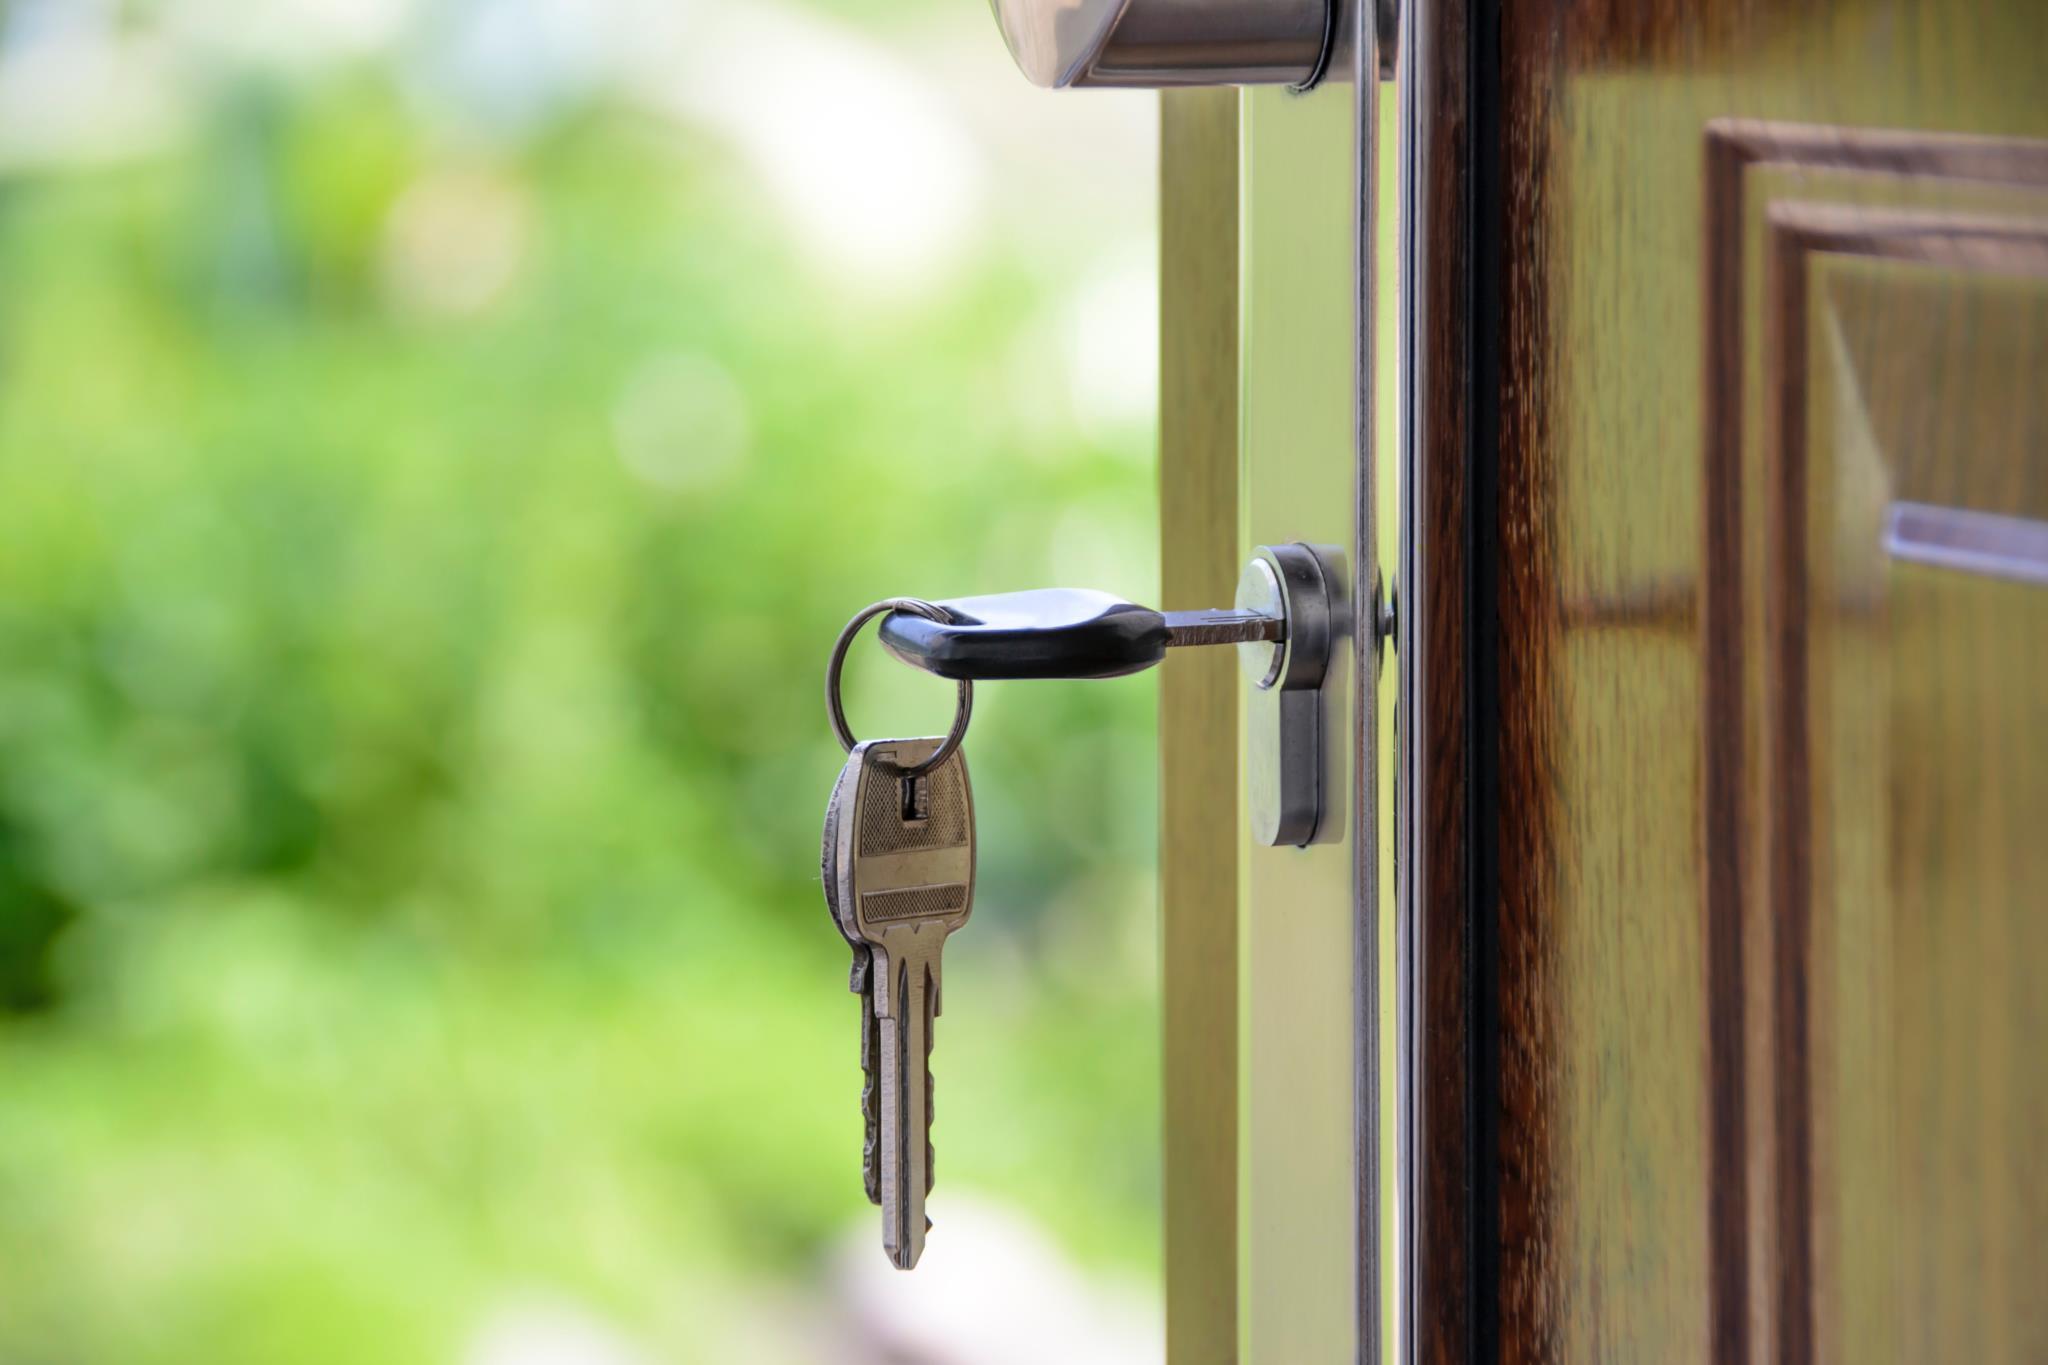 Huis Bezichtigen: 5 Tips + Checklist Voor Het Bezichtigen Van Een Huis